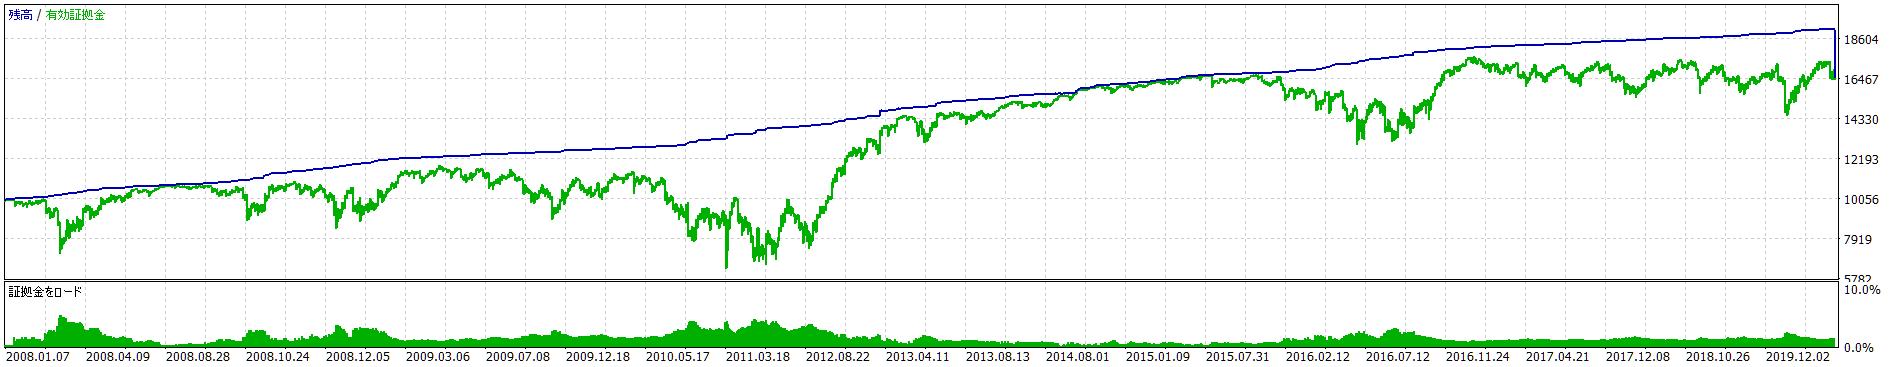 HARVEST資産曲線